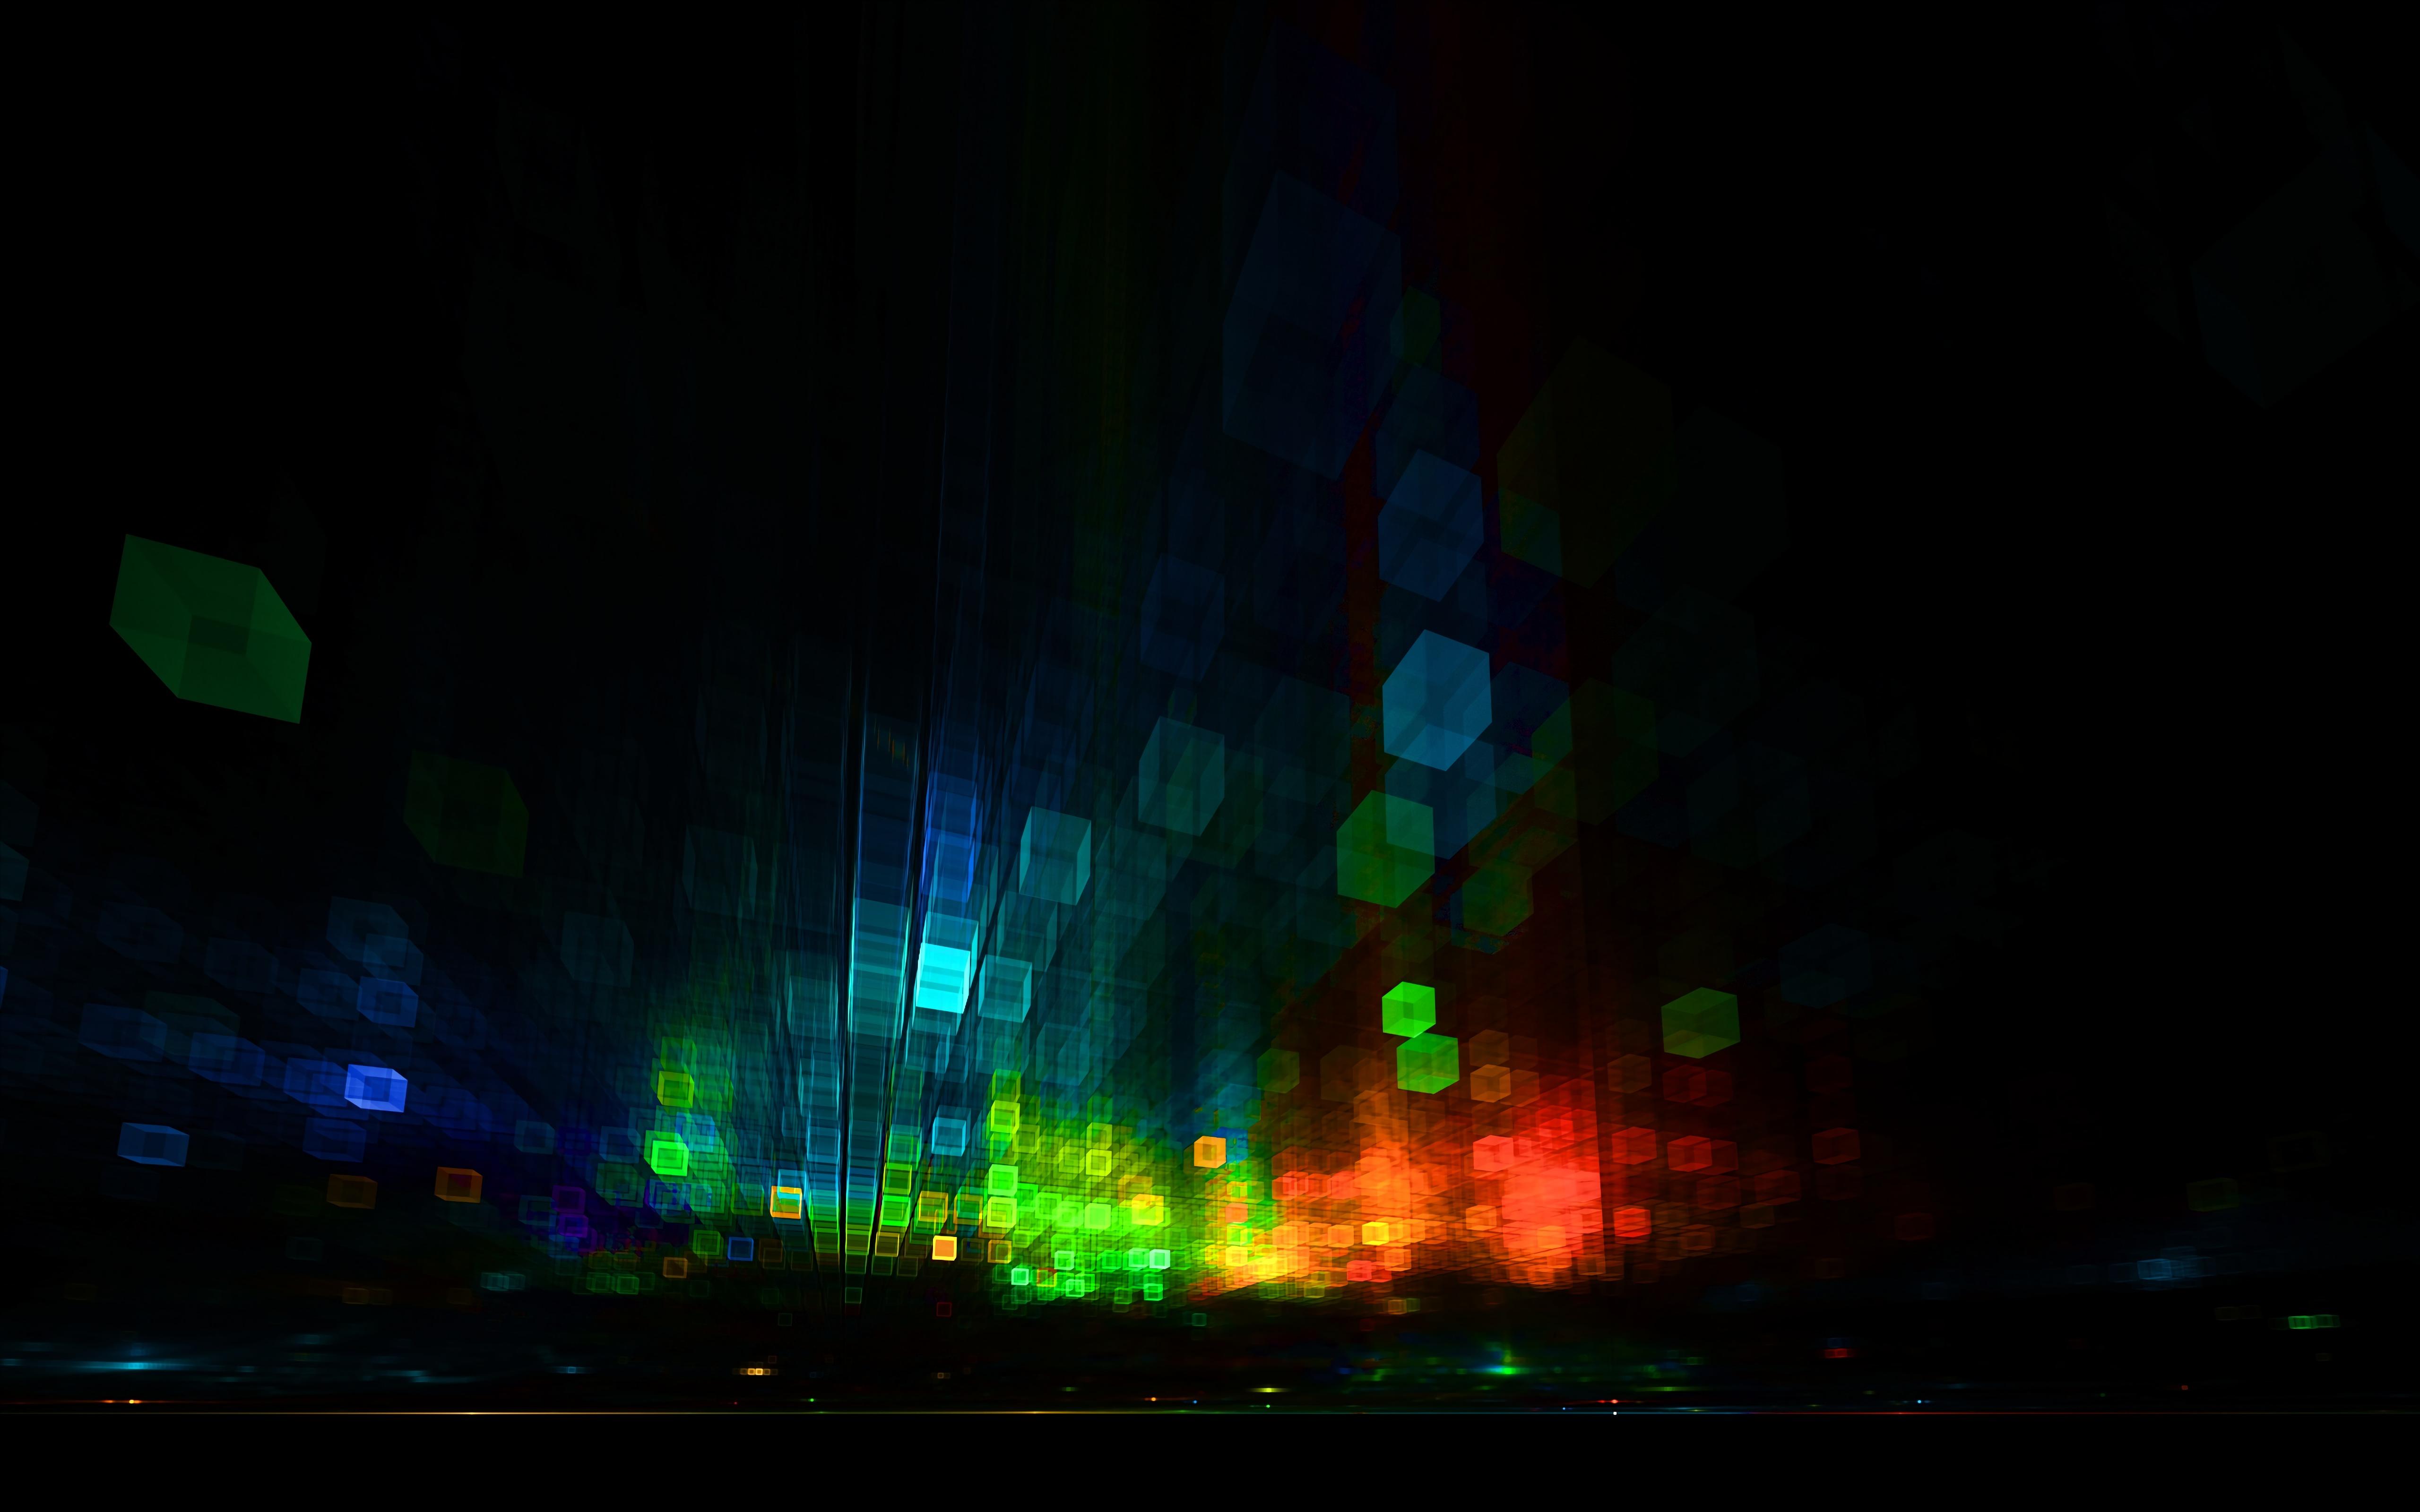 124513 скачать обои Темные, Кубы, Блики, Размытость, Разноцветный, Темный - заставки и картинки бесплатно